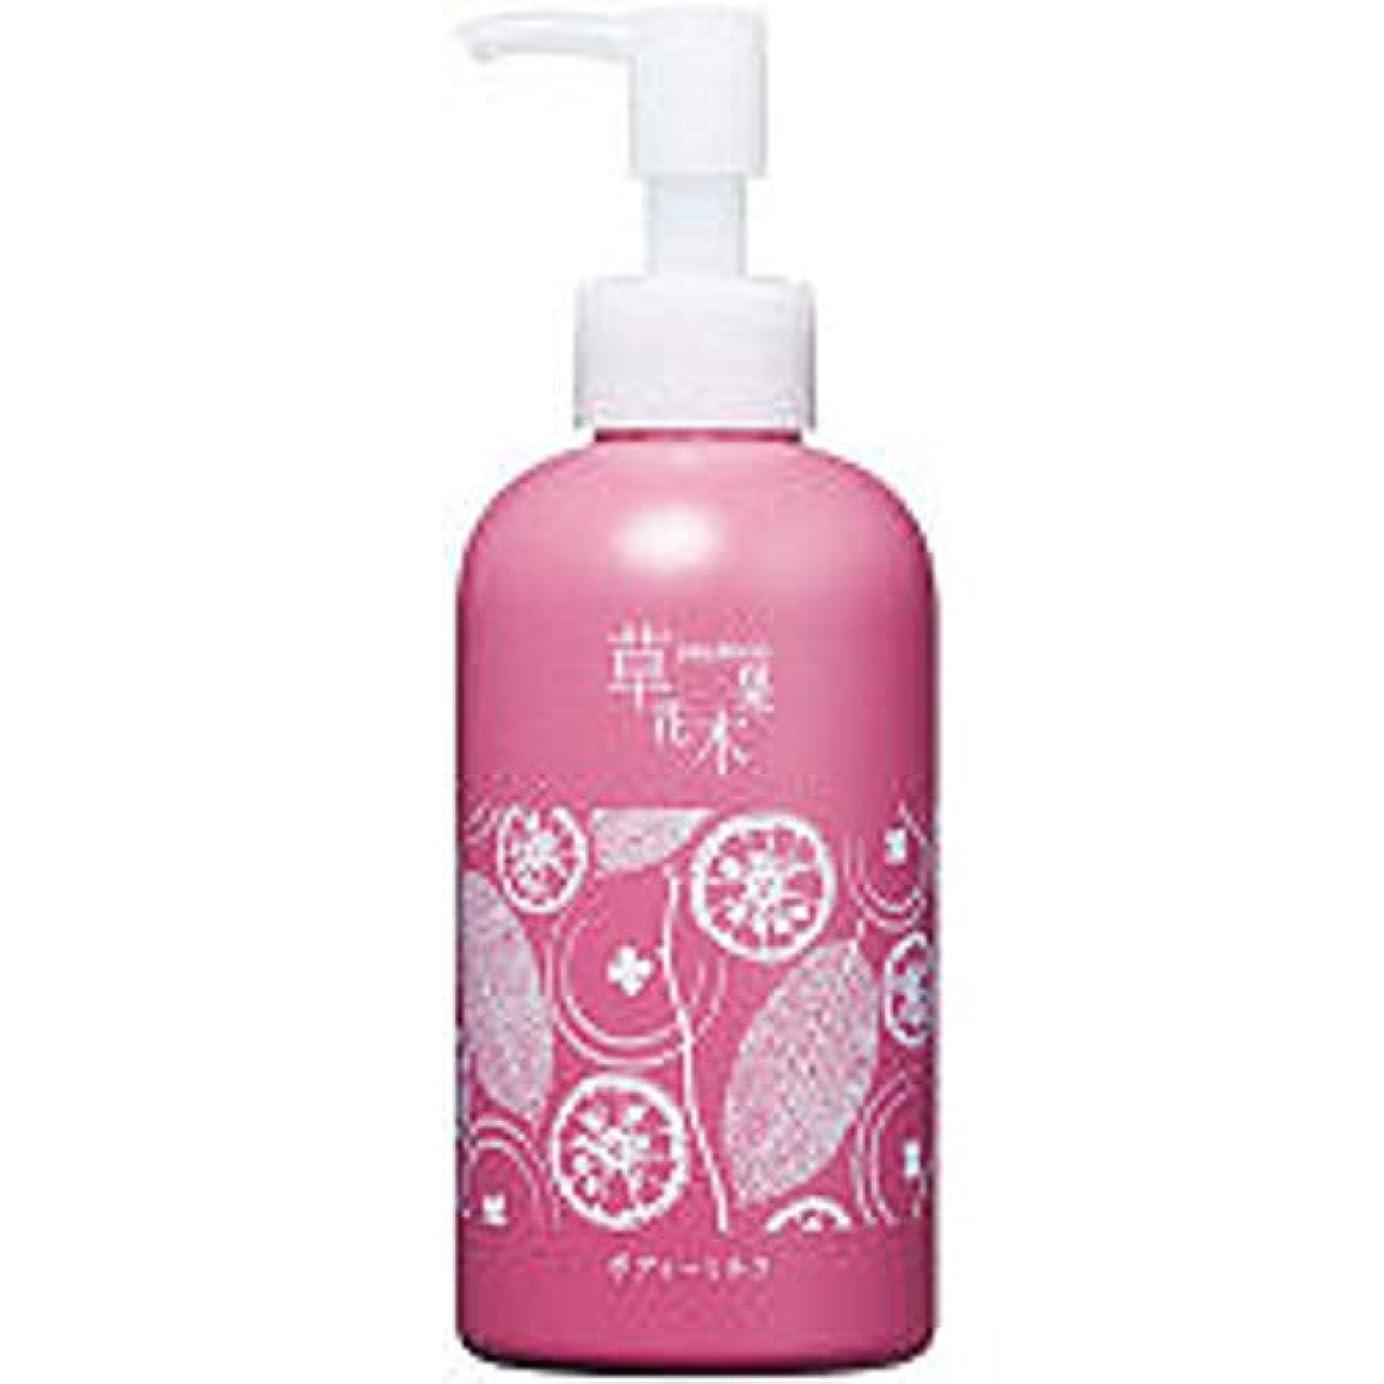 絶対のペダル処理草花木果(そうかもっか) アロマボディミルク(花の香りのボディミルク)(200mL 約30回分?両腕と両脚に使用した場合) ボディーミルク 保湿